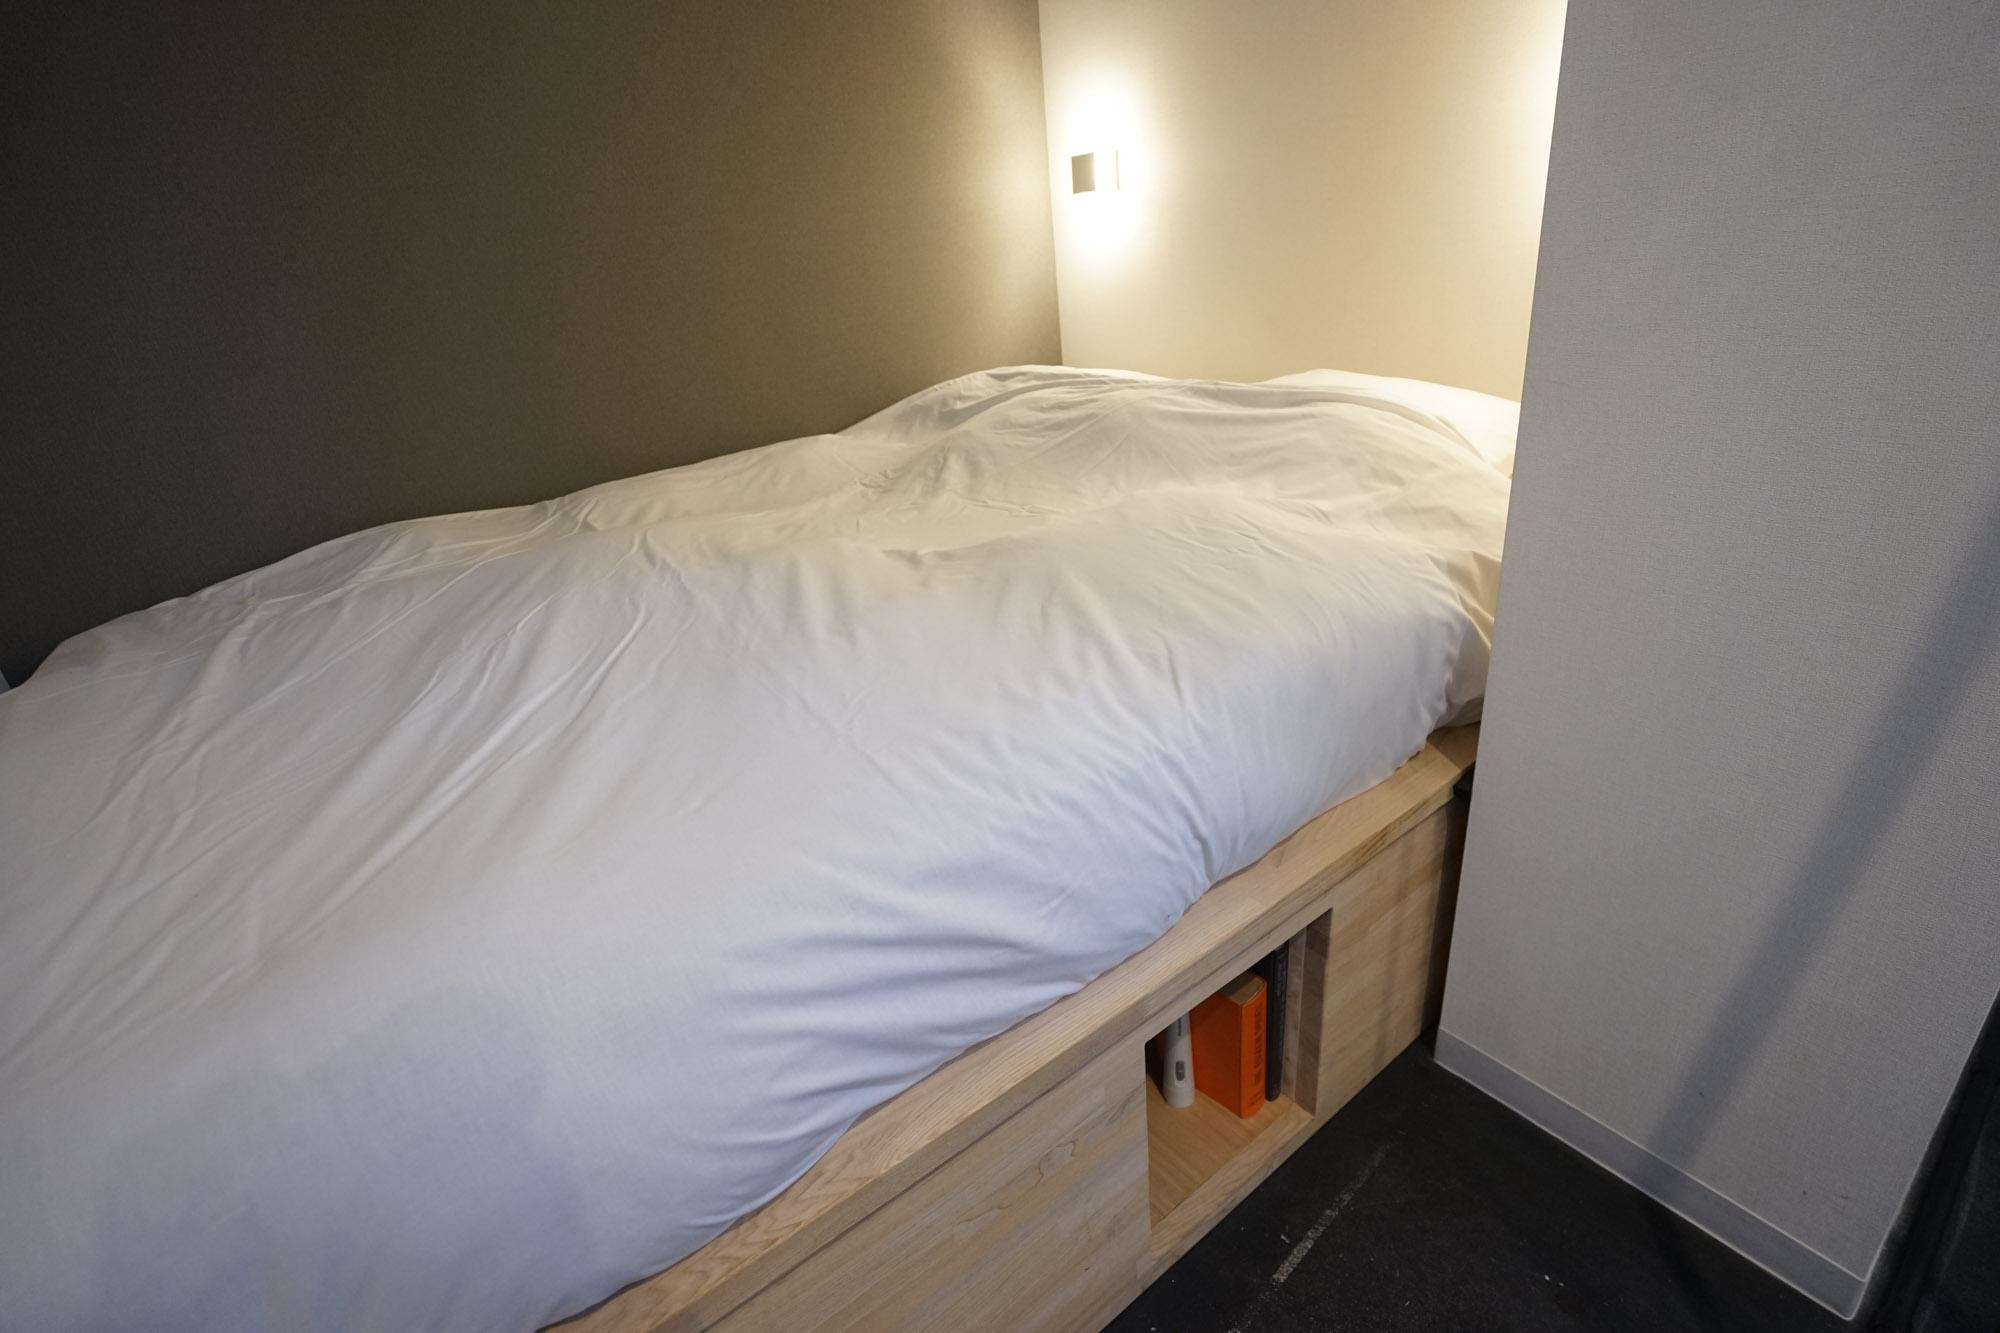 奥にはつくりつけのベッドが設置されていました。マットレスもしっかりと厚みがあり、ギシギシ音が鳴ることもないので、しっかりと睡眠をとることができます。